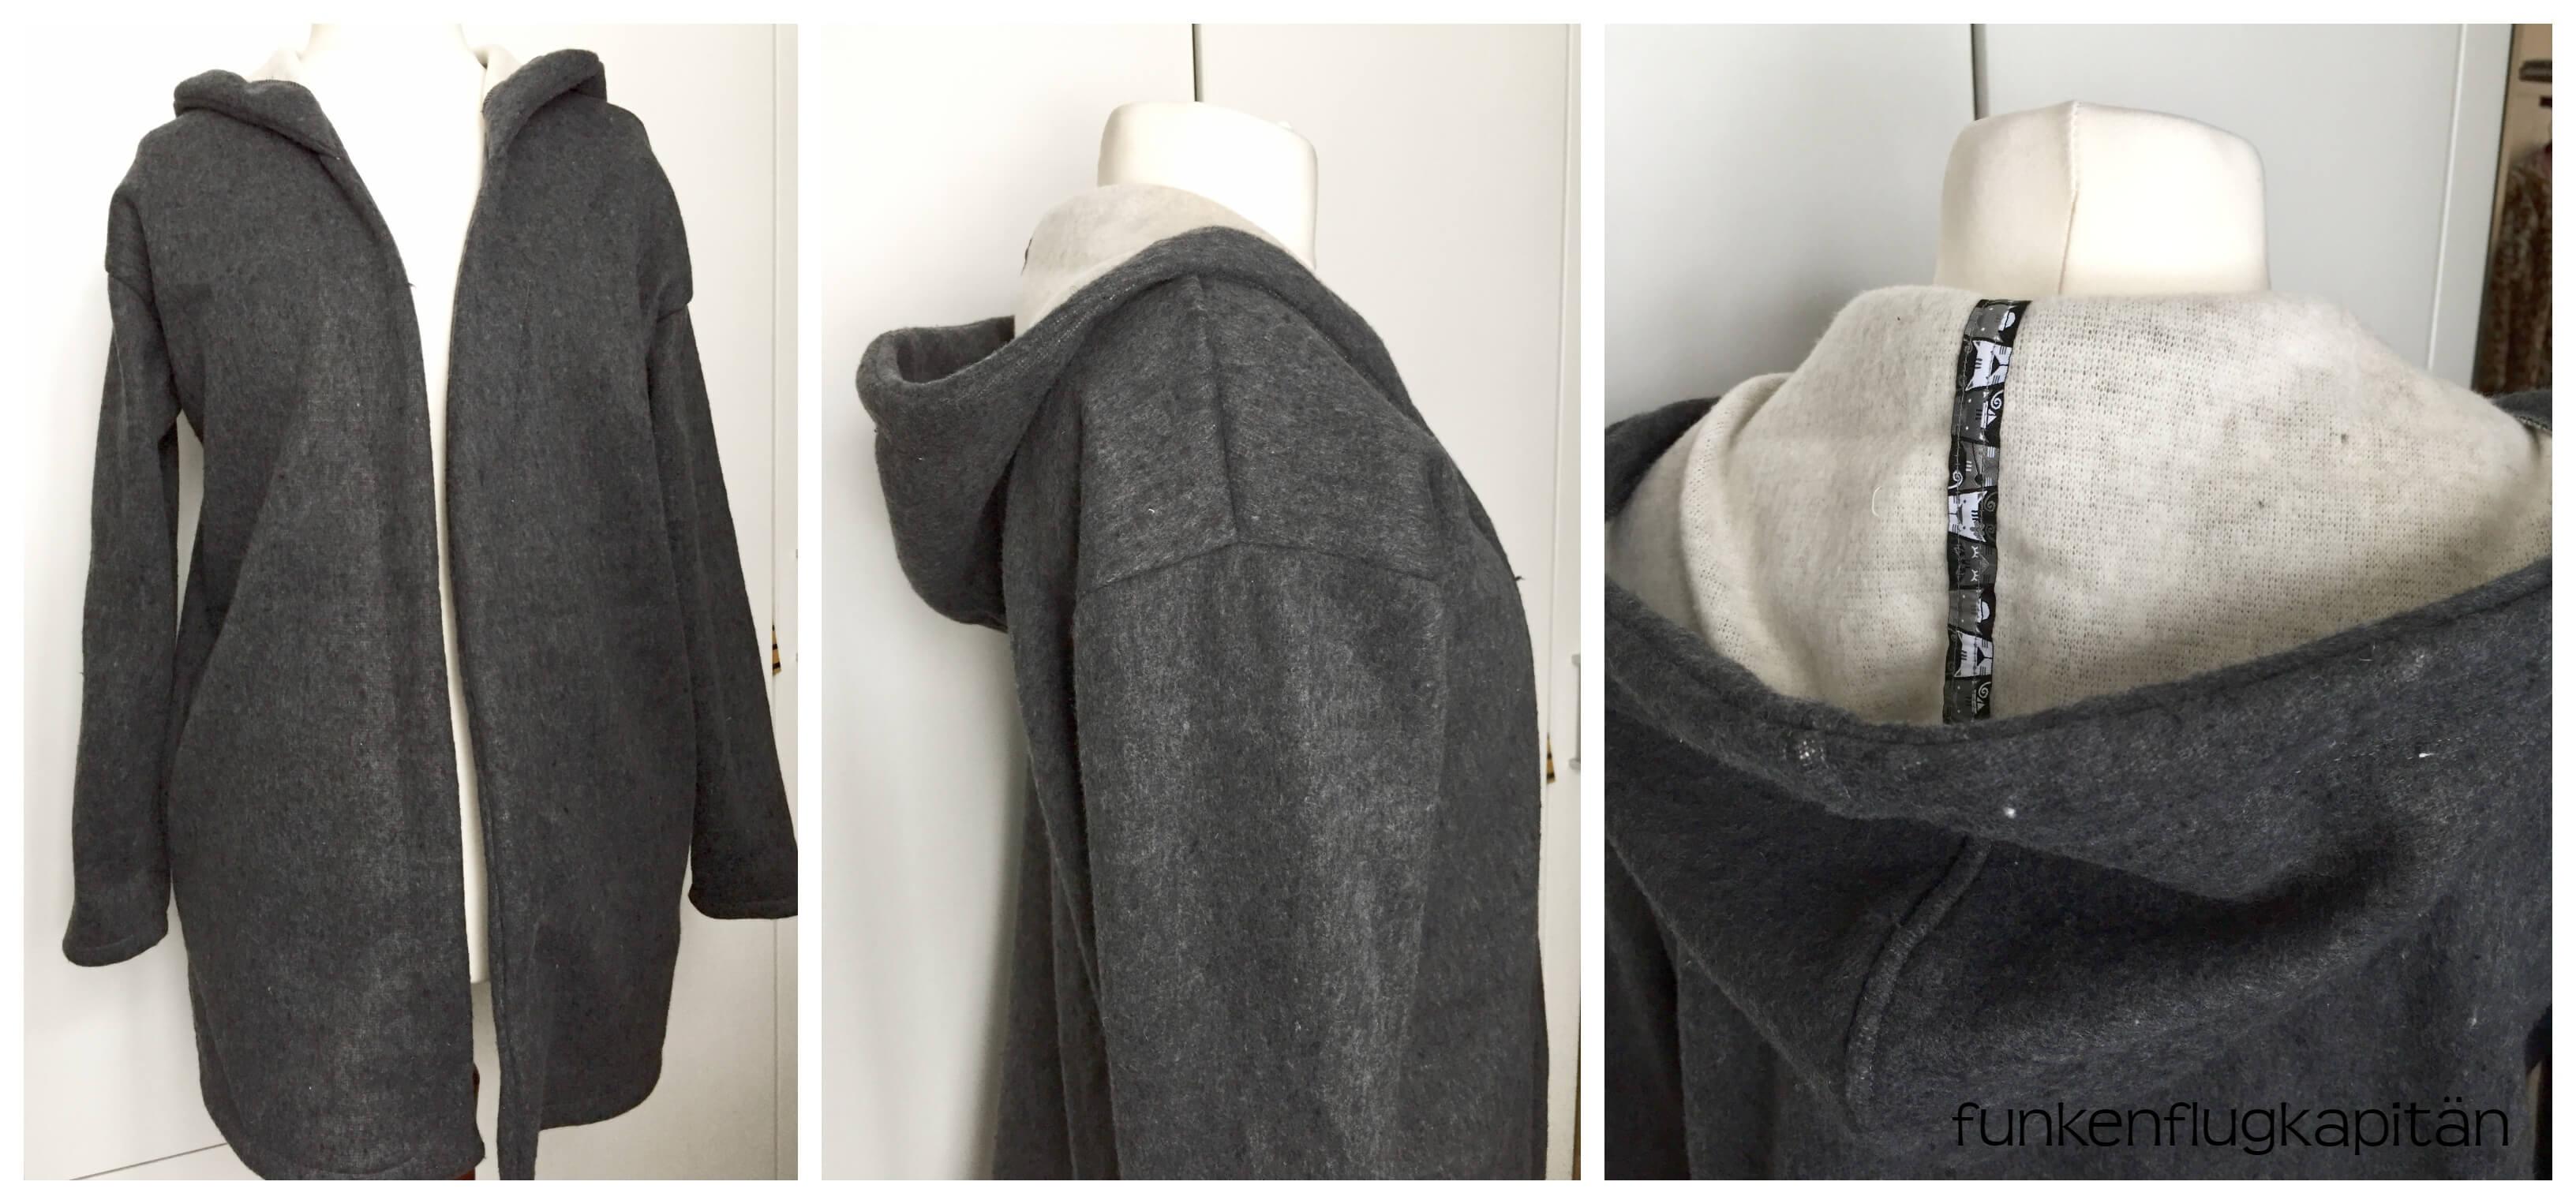 Meine momentane Trendfarbe: Grau. Ist das mein neues Bunt?